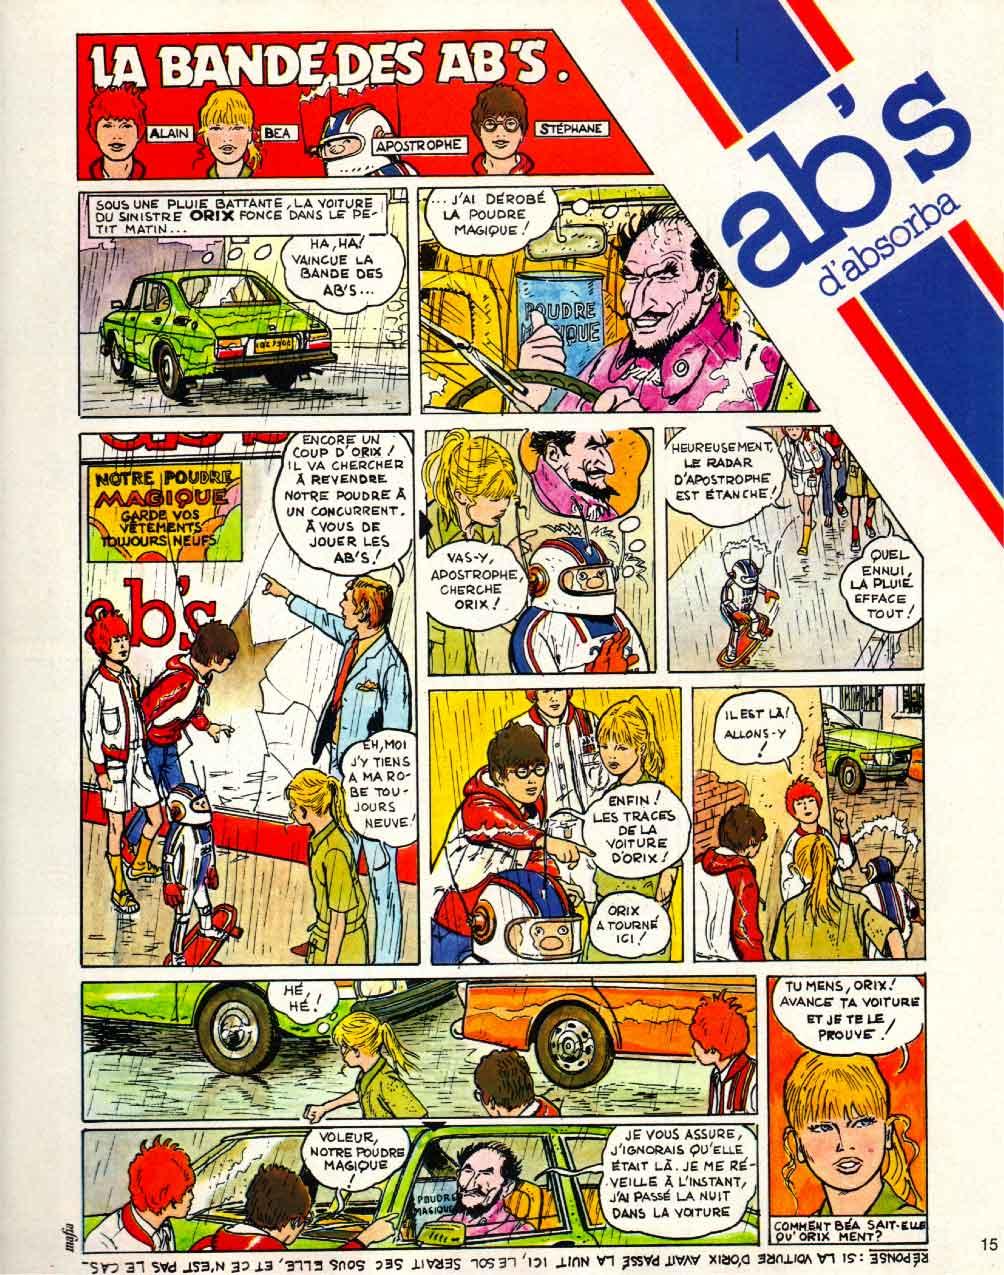 « La Bande des ABS » publicité dans Pif gadget n° 474 (04/1978).